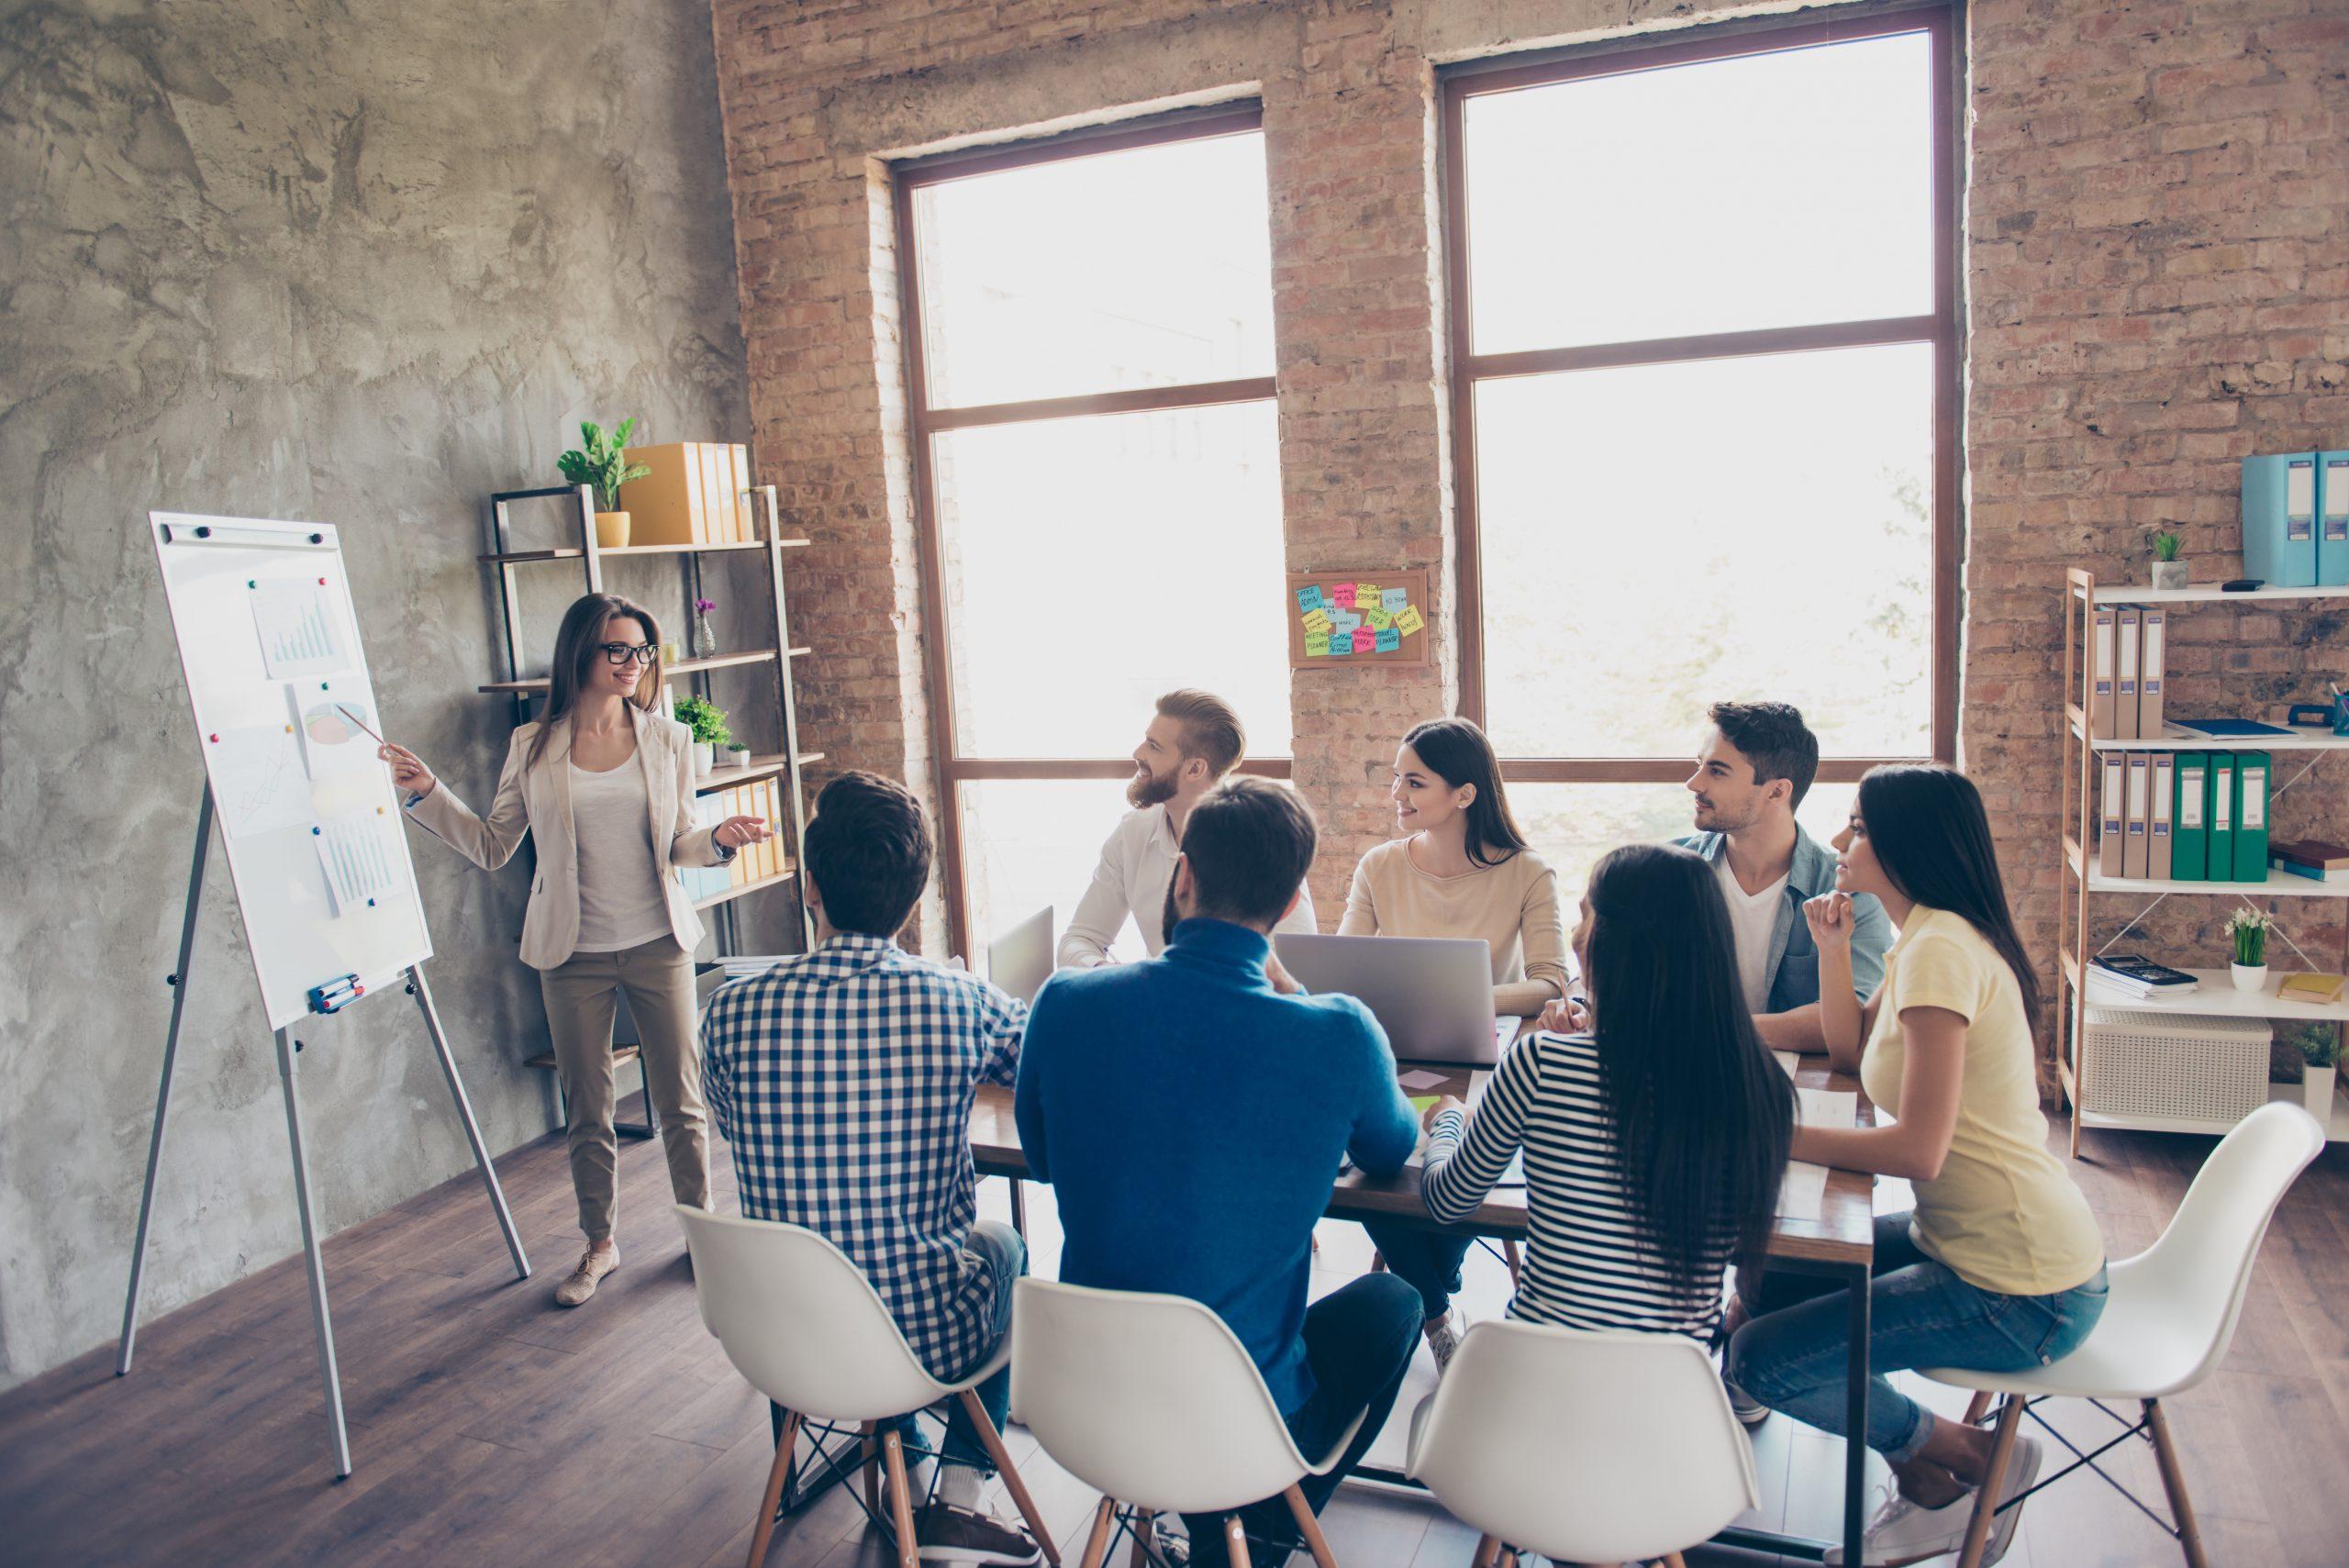 Führungskraft übermittelt dem Team die Ergebnisse der Mitarbeiterbefragung